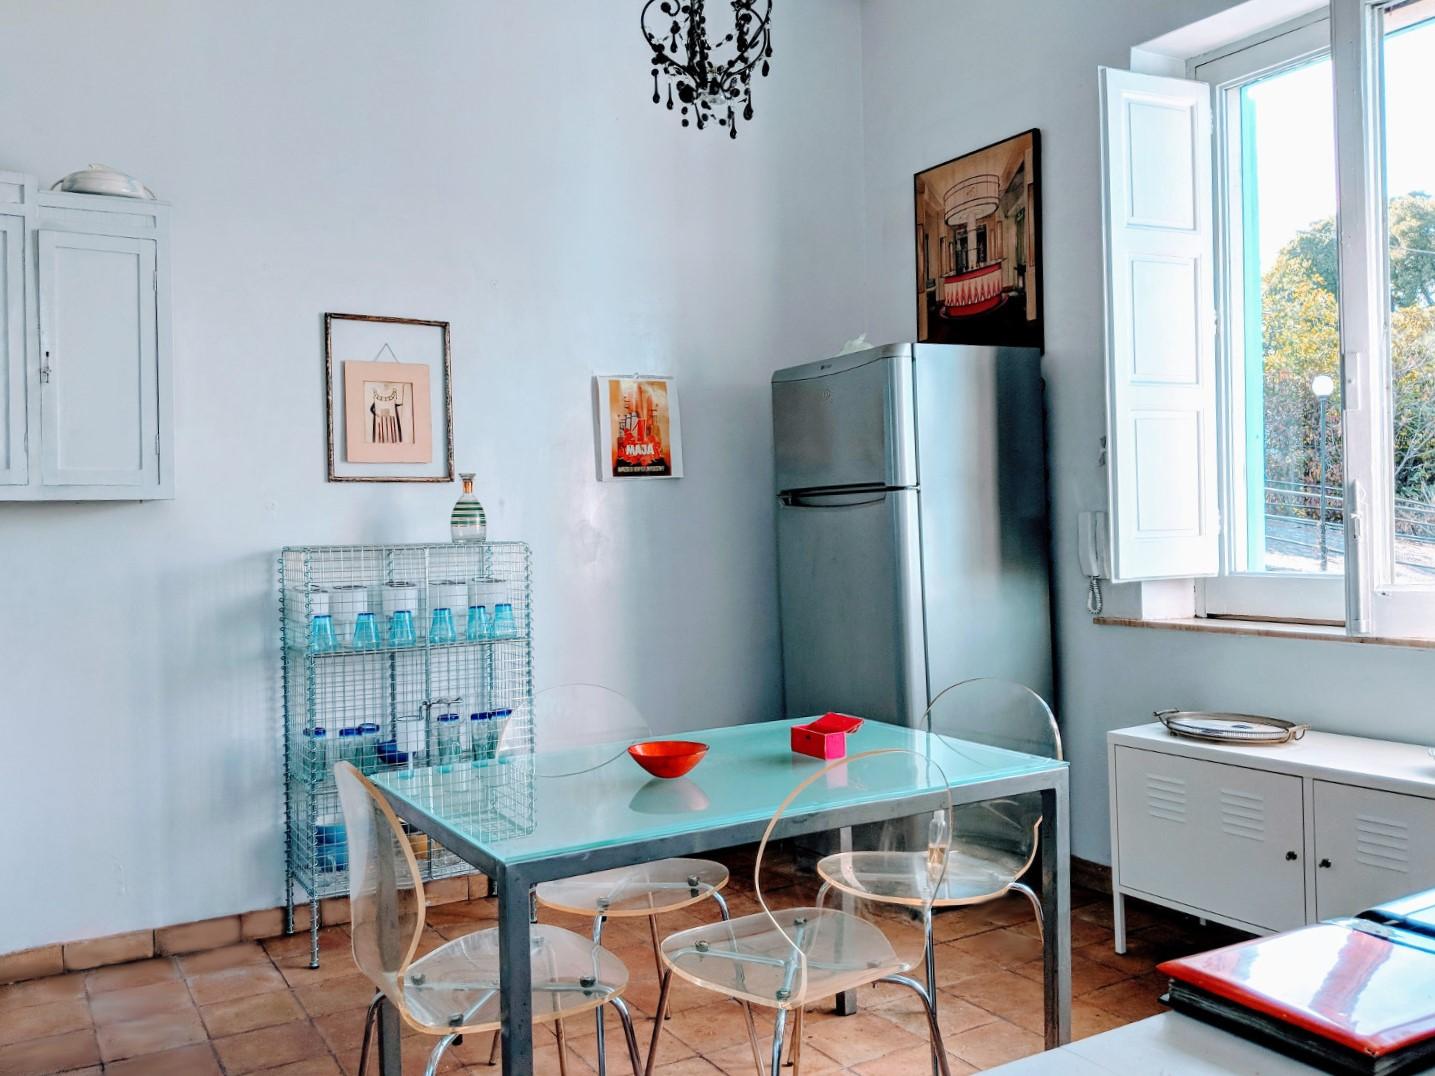 45 kitchen hattemore villa ama sicily.jpg